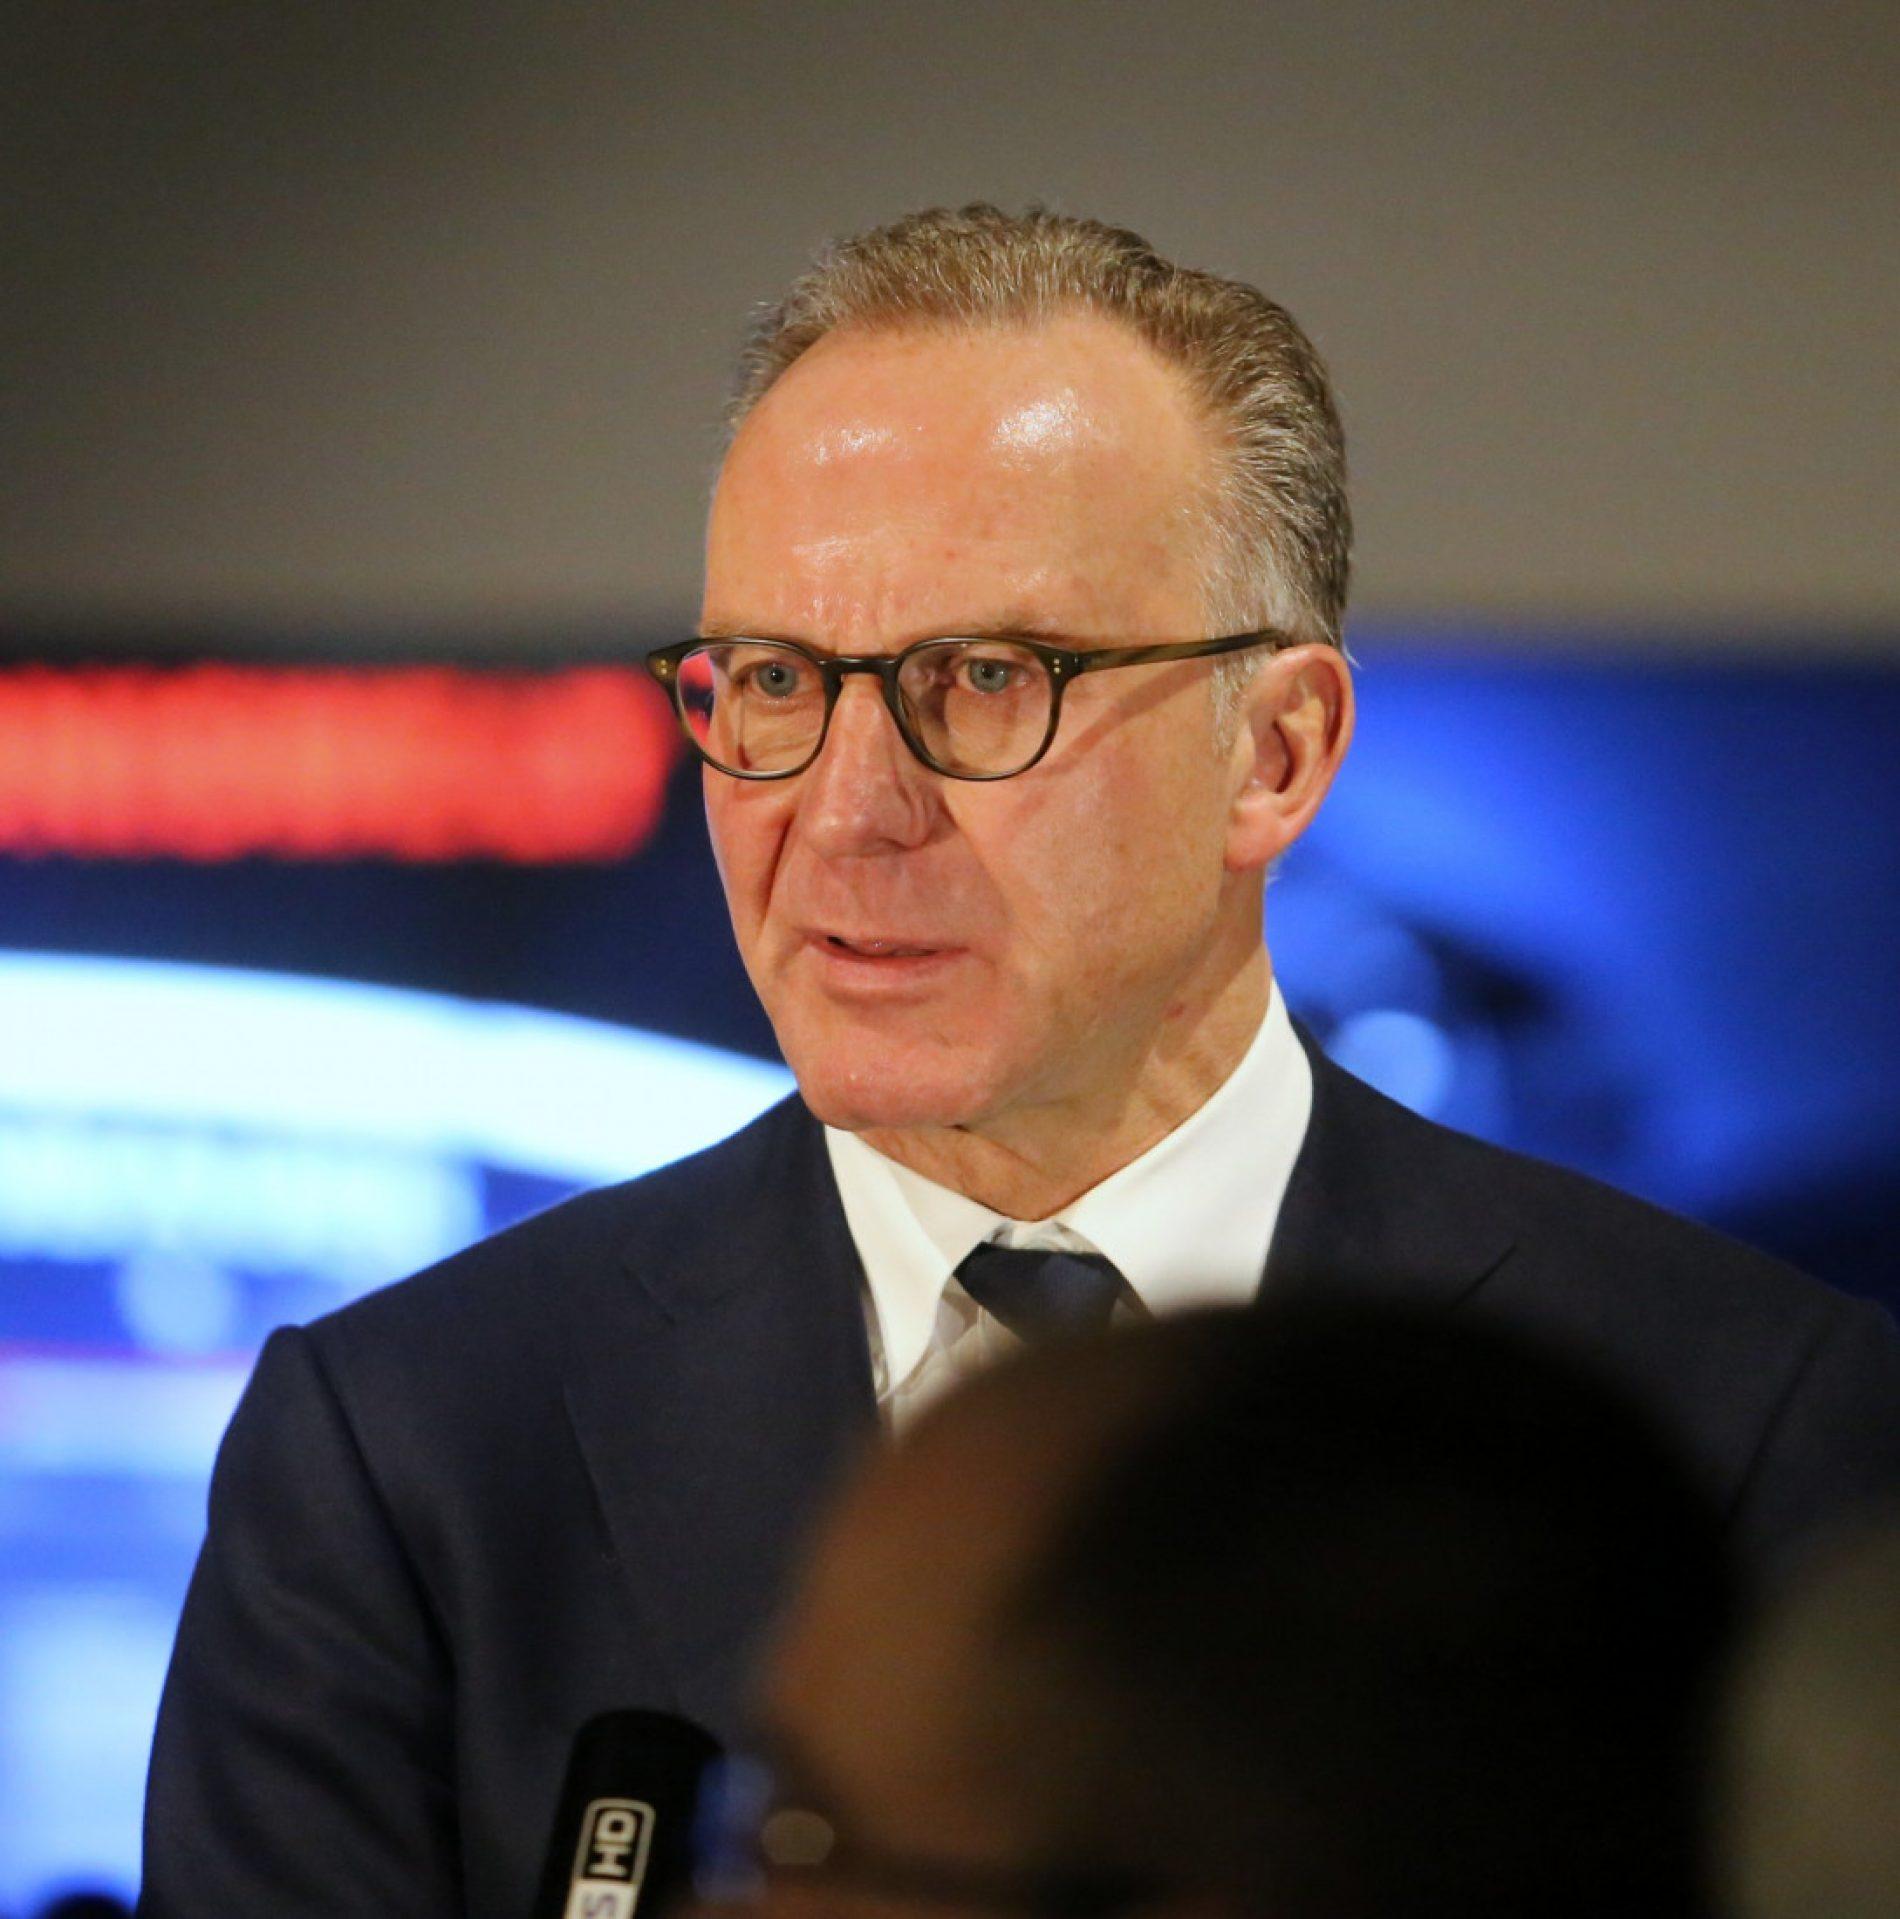 Il presidente del Bayern Monaco Karl-Heinz Rummenige vorrebbe modernizzare il fair play finanziario